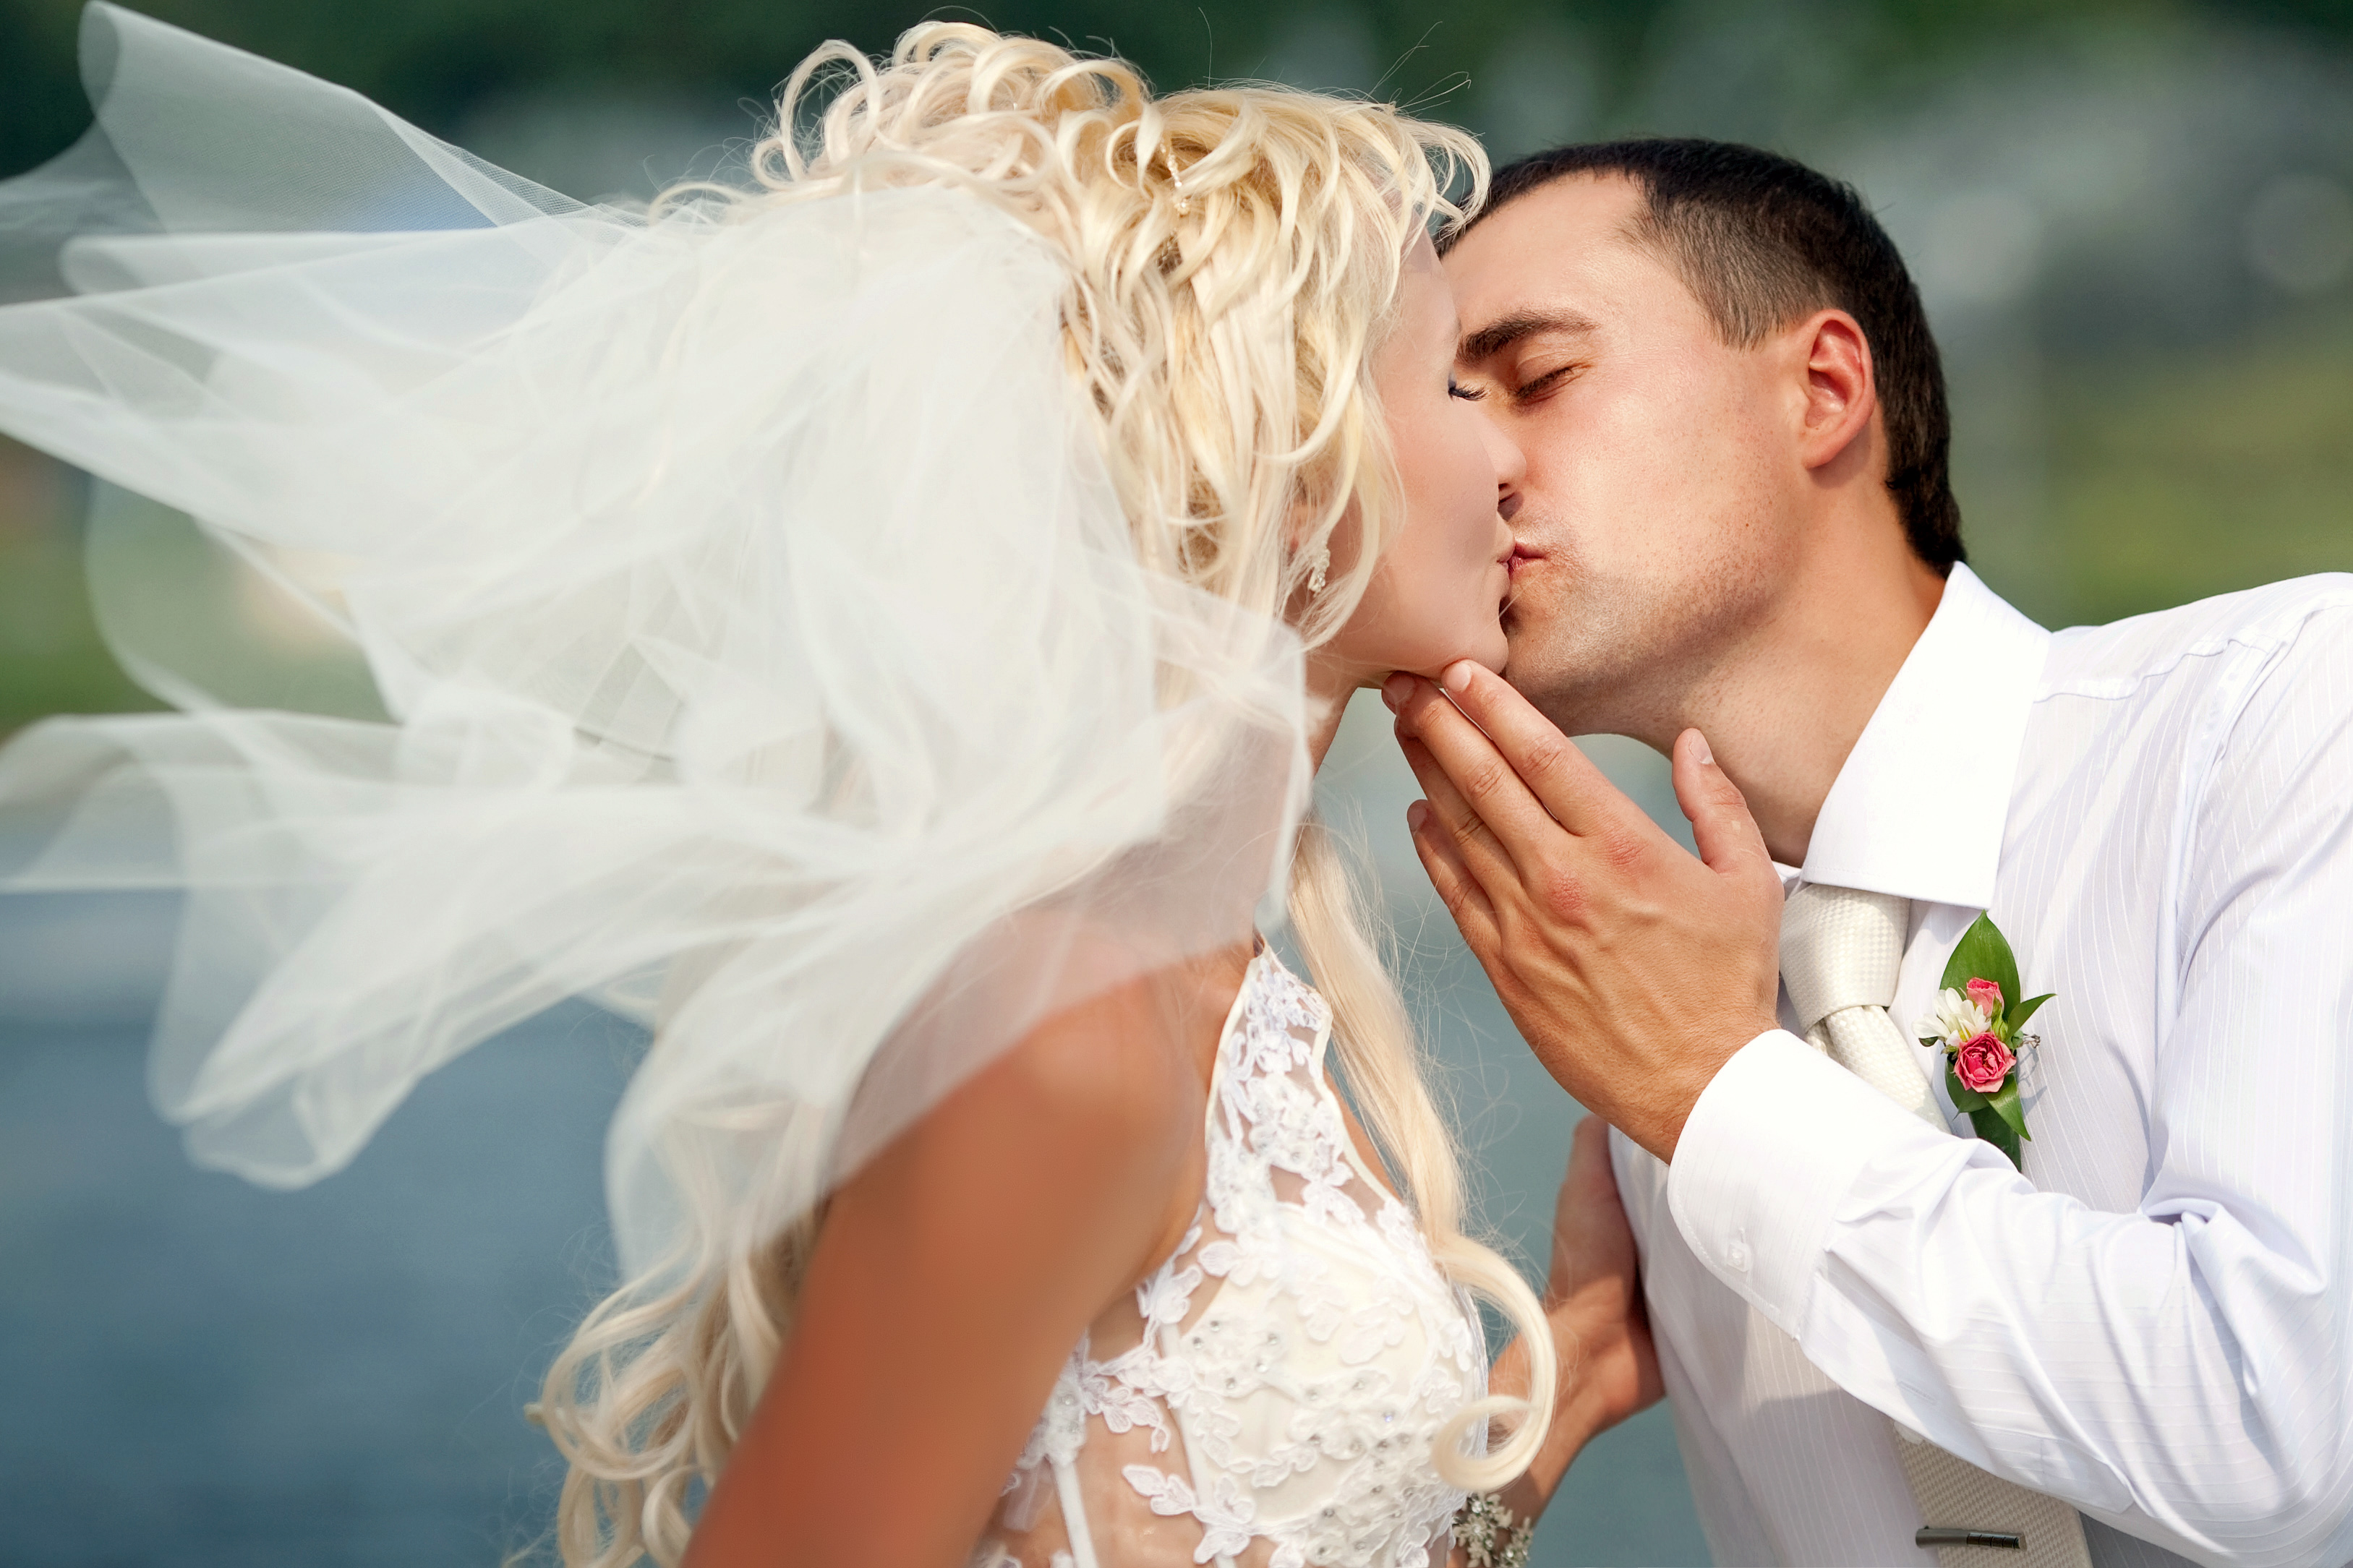 сделать сон свадебная фотография любимого с другой приняли